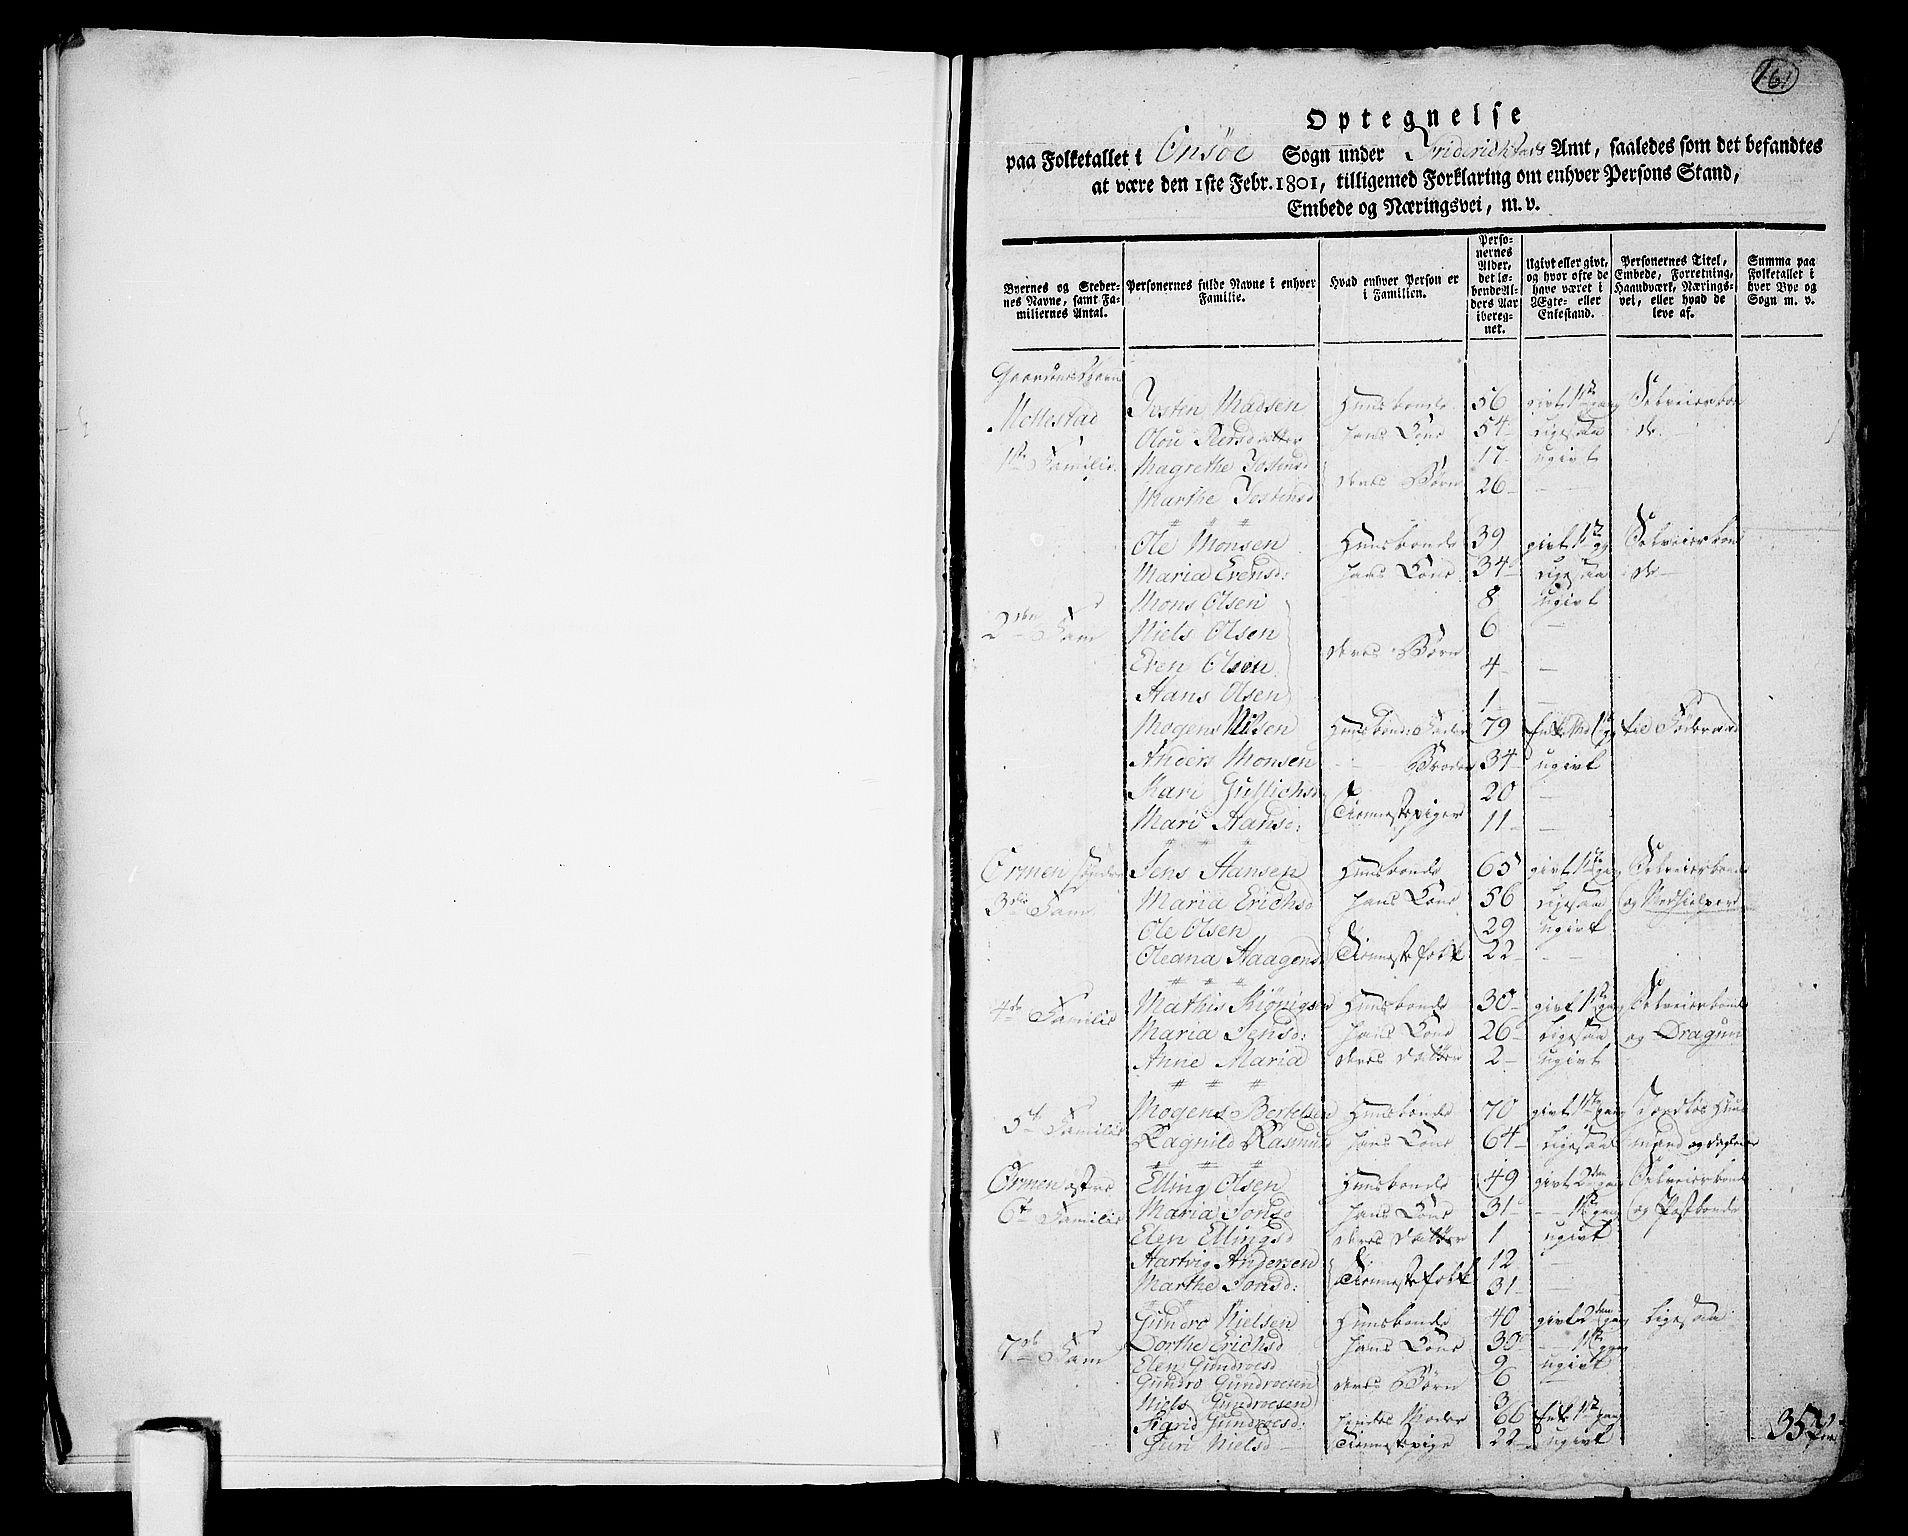 RA, Folketelling 1801 for 0134P Onsøy prestegjeld, 1801, s. 161a